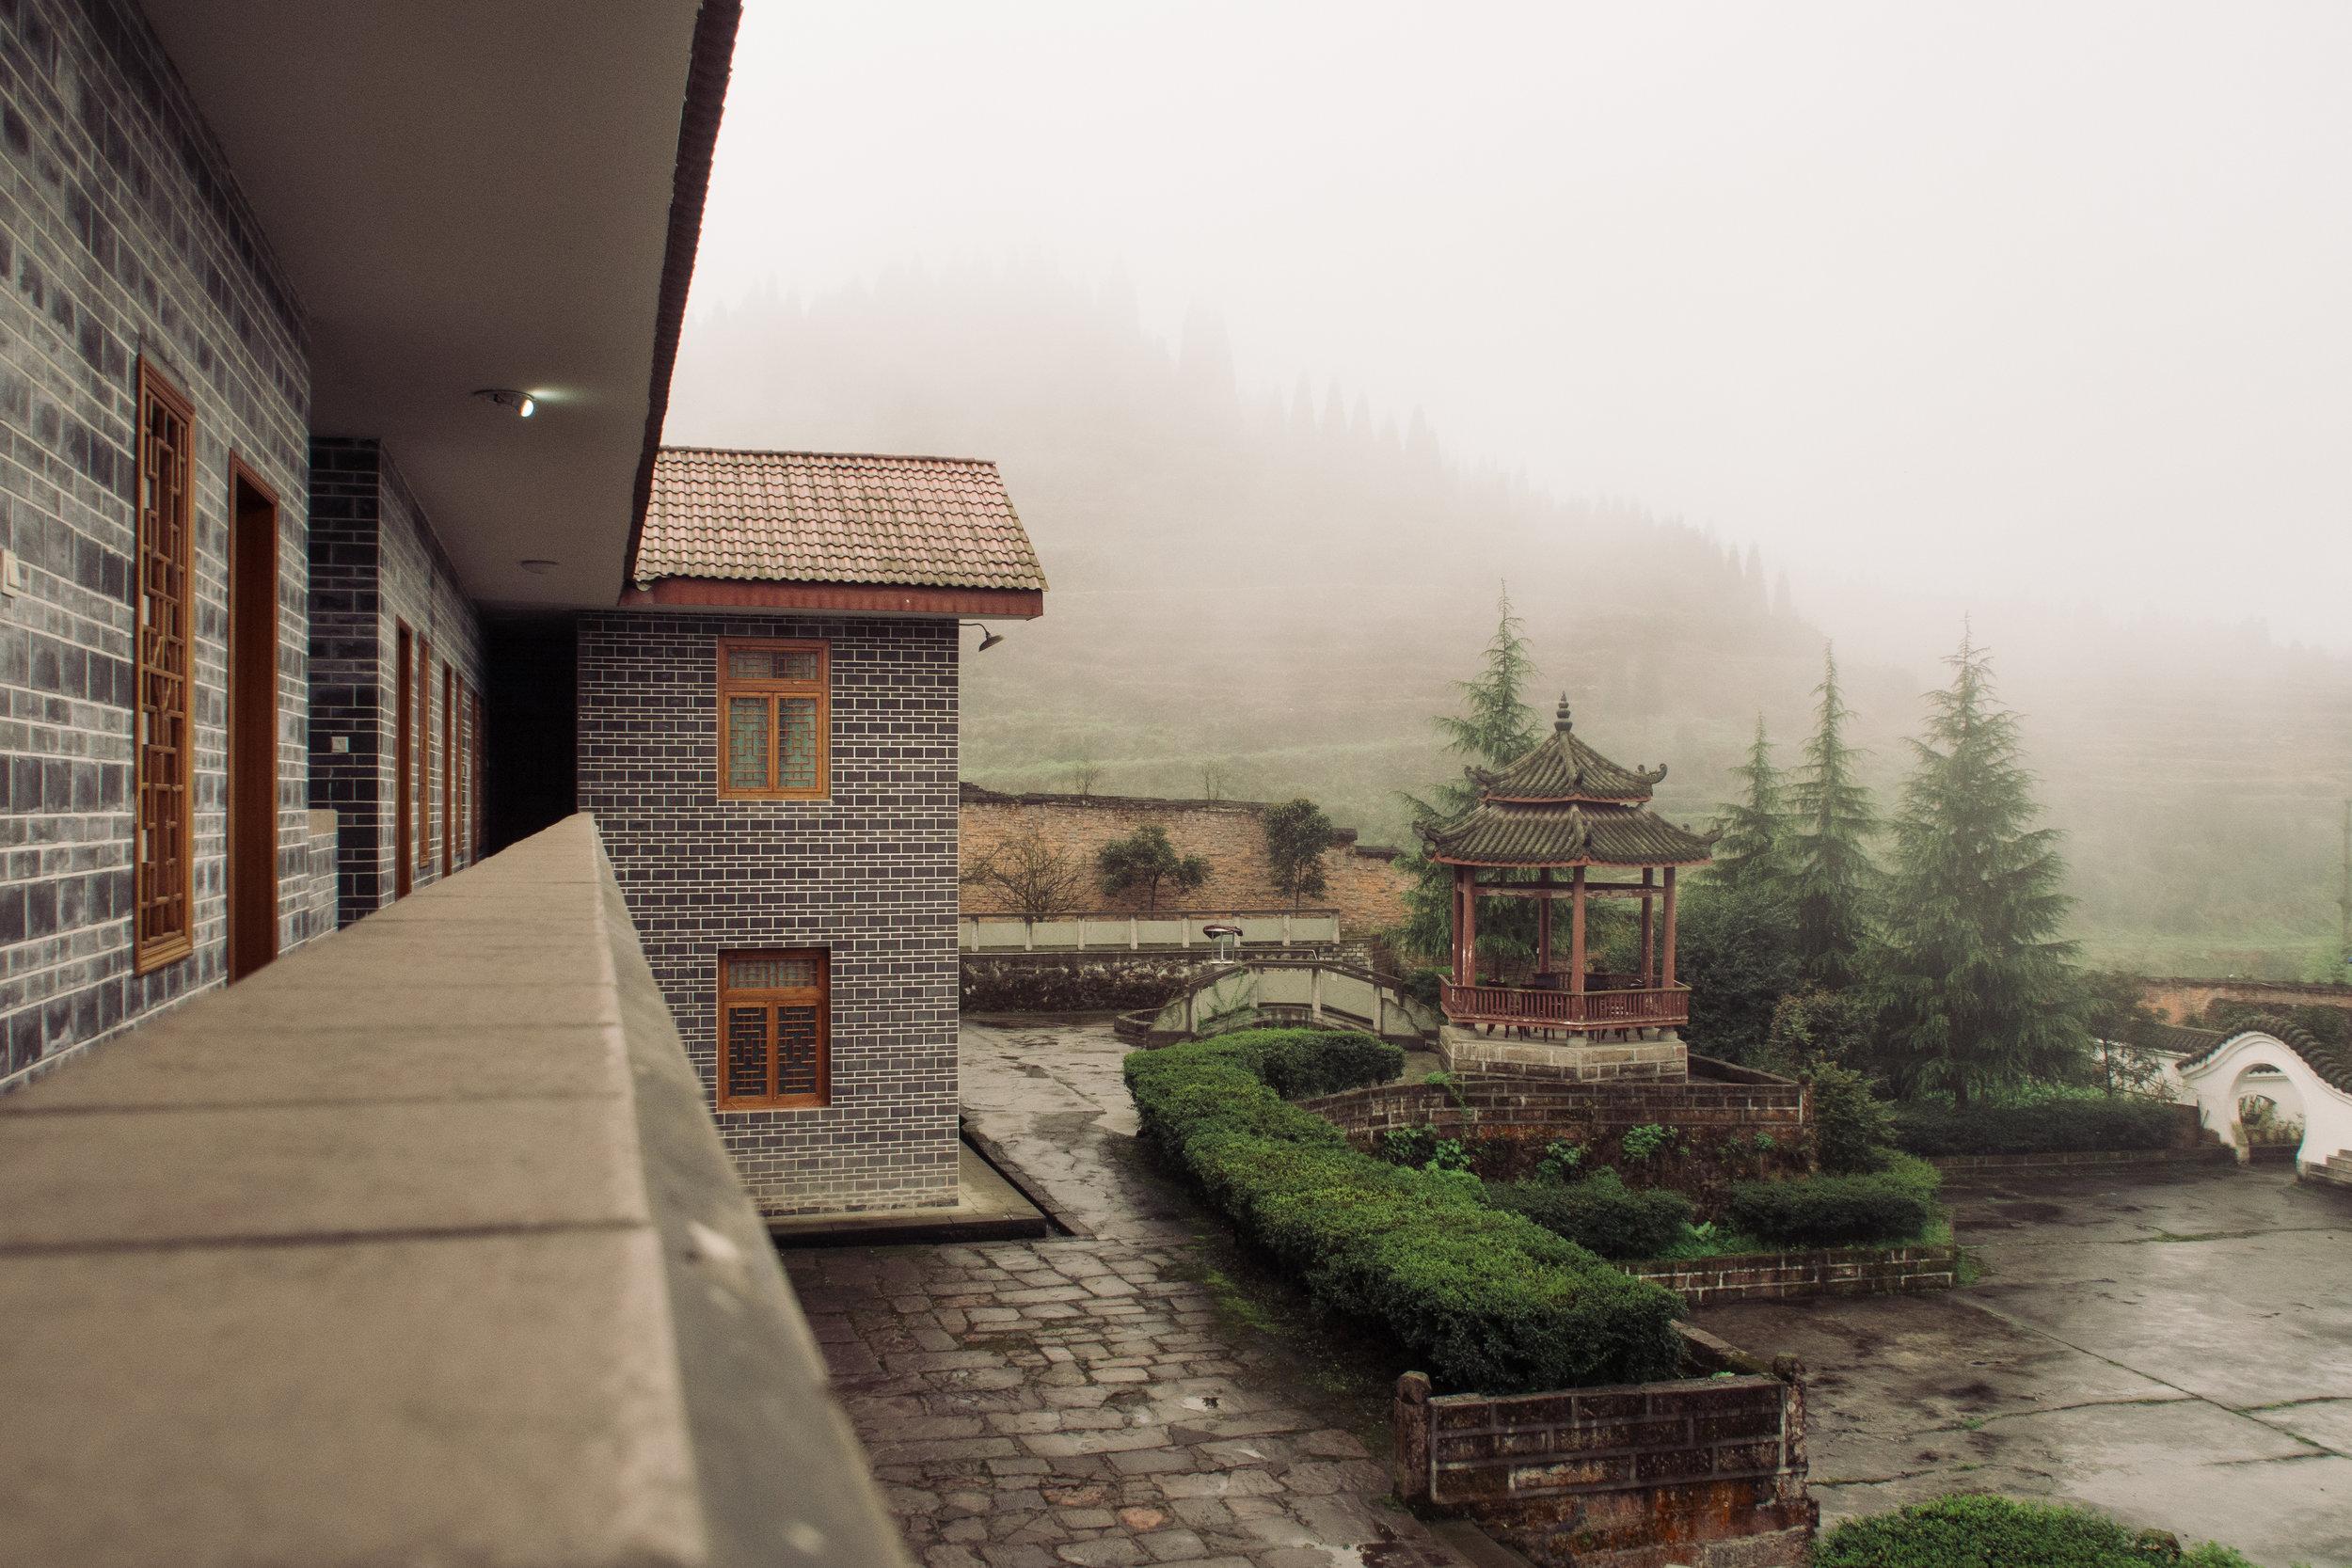 The Sichuan plantation's guest house